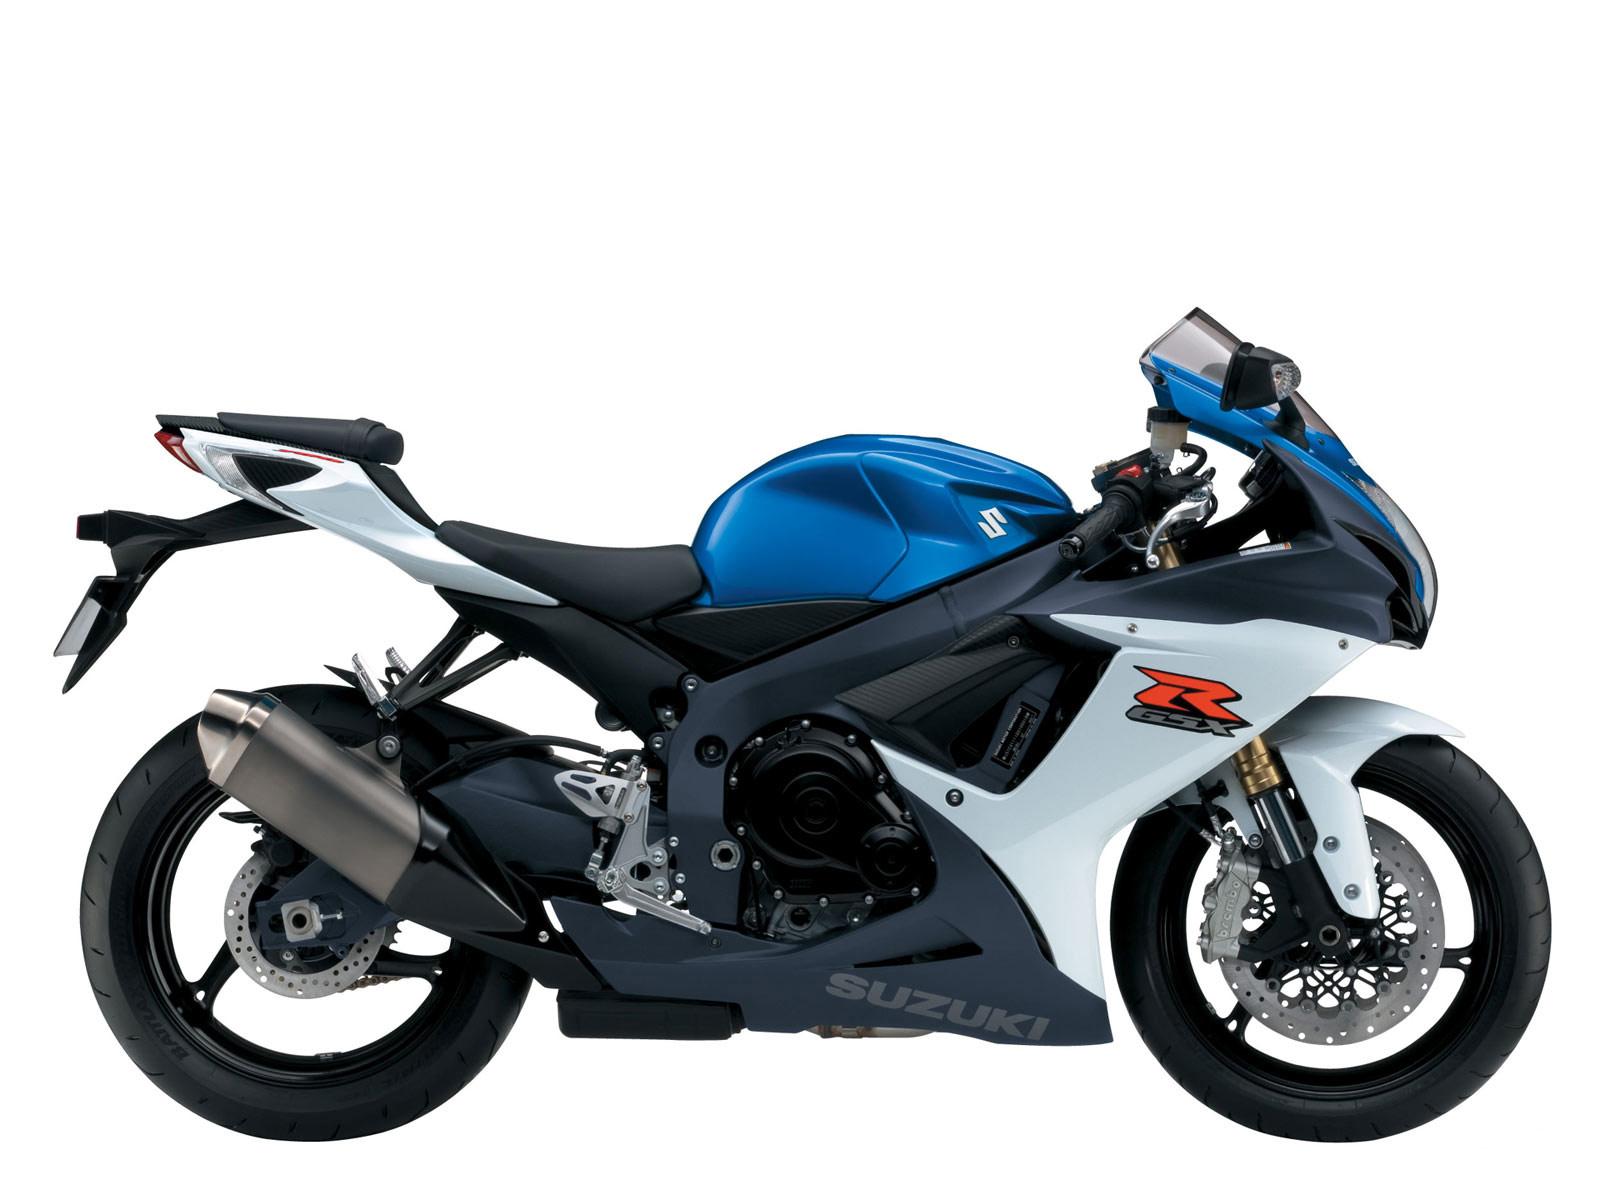 Gambar Motor Suzuki Nex 2014